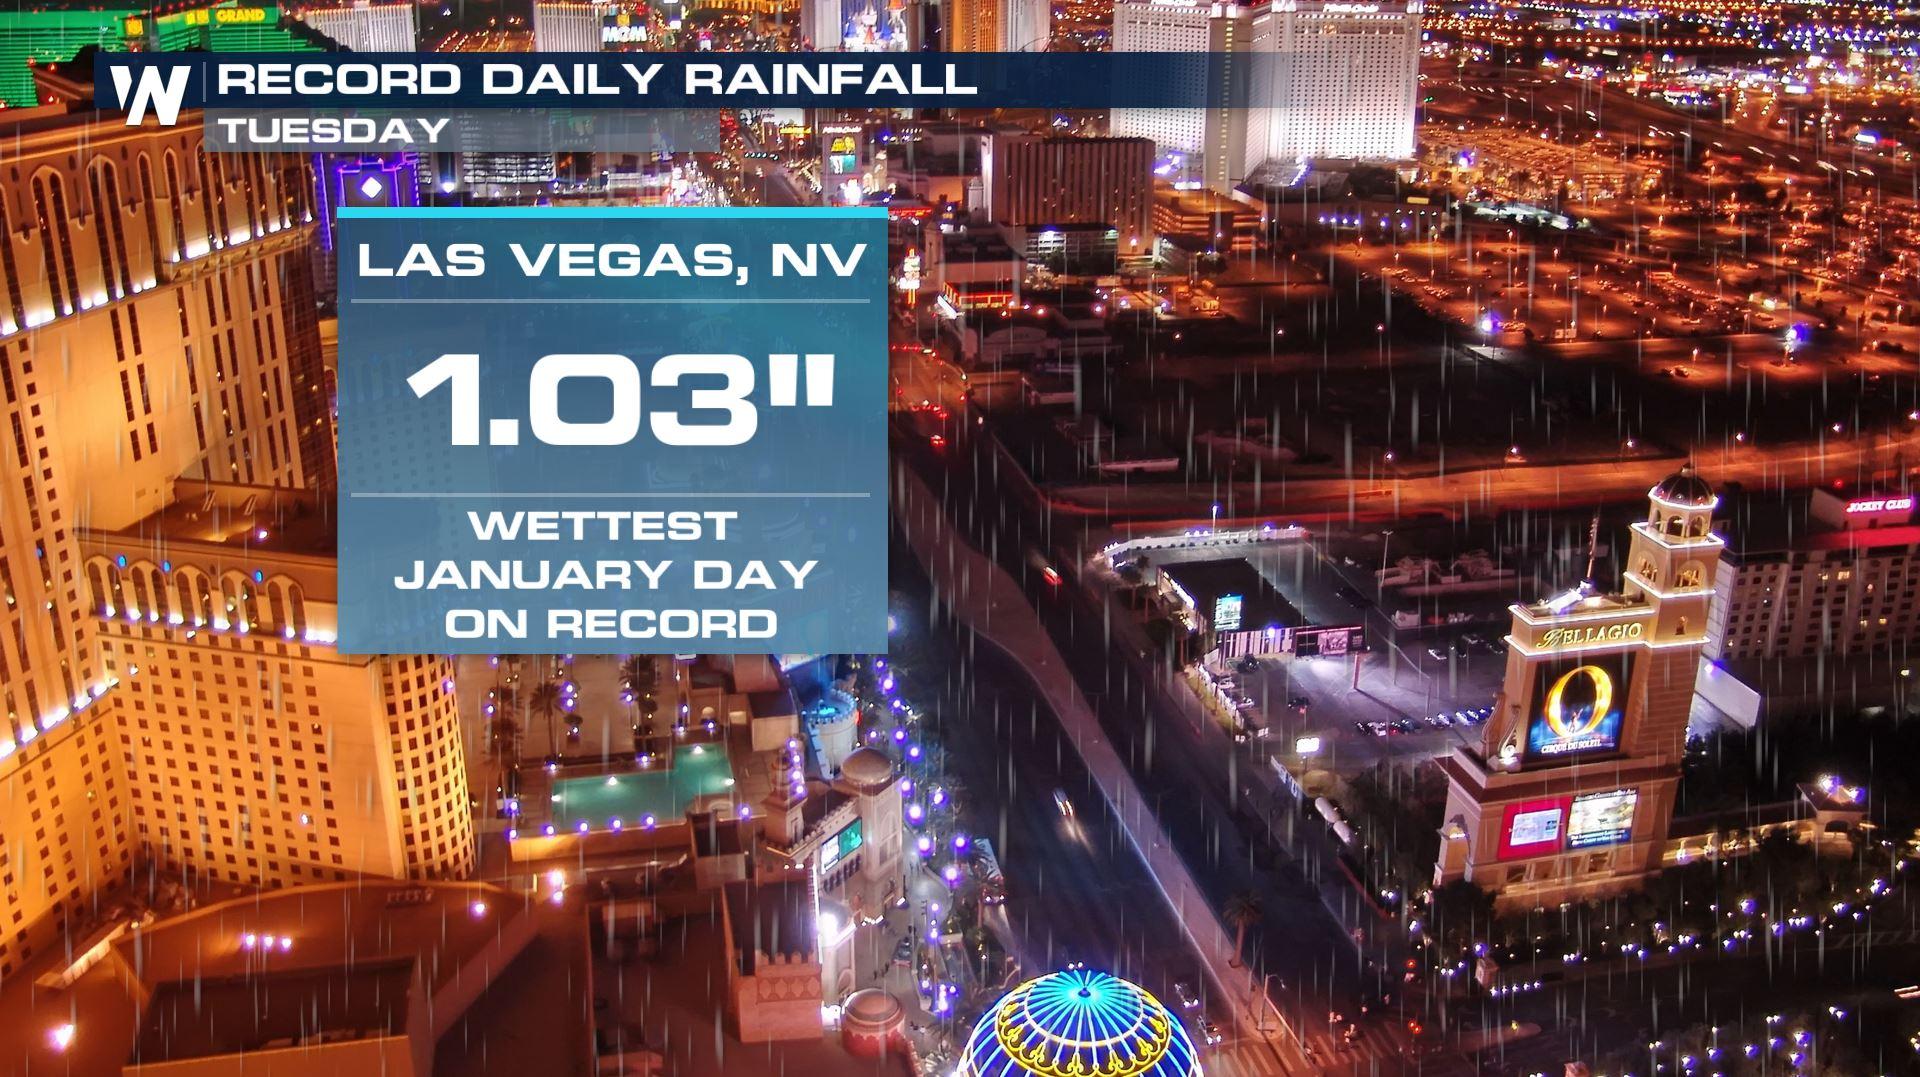 Wicked city rain photo